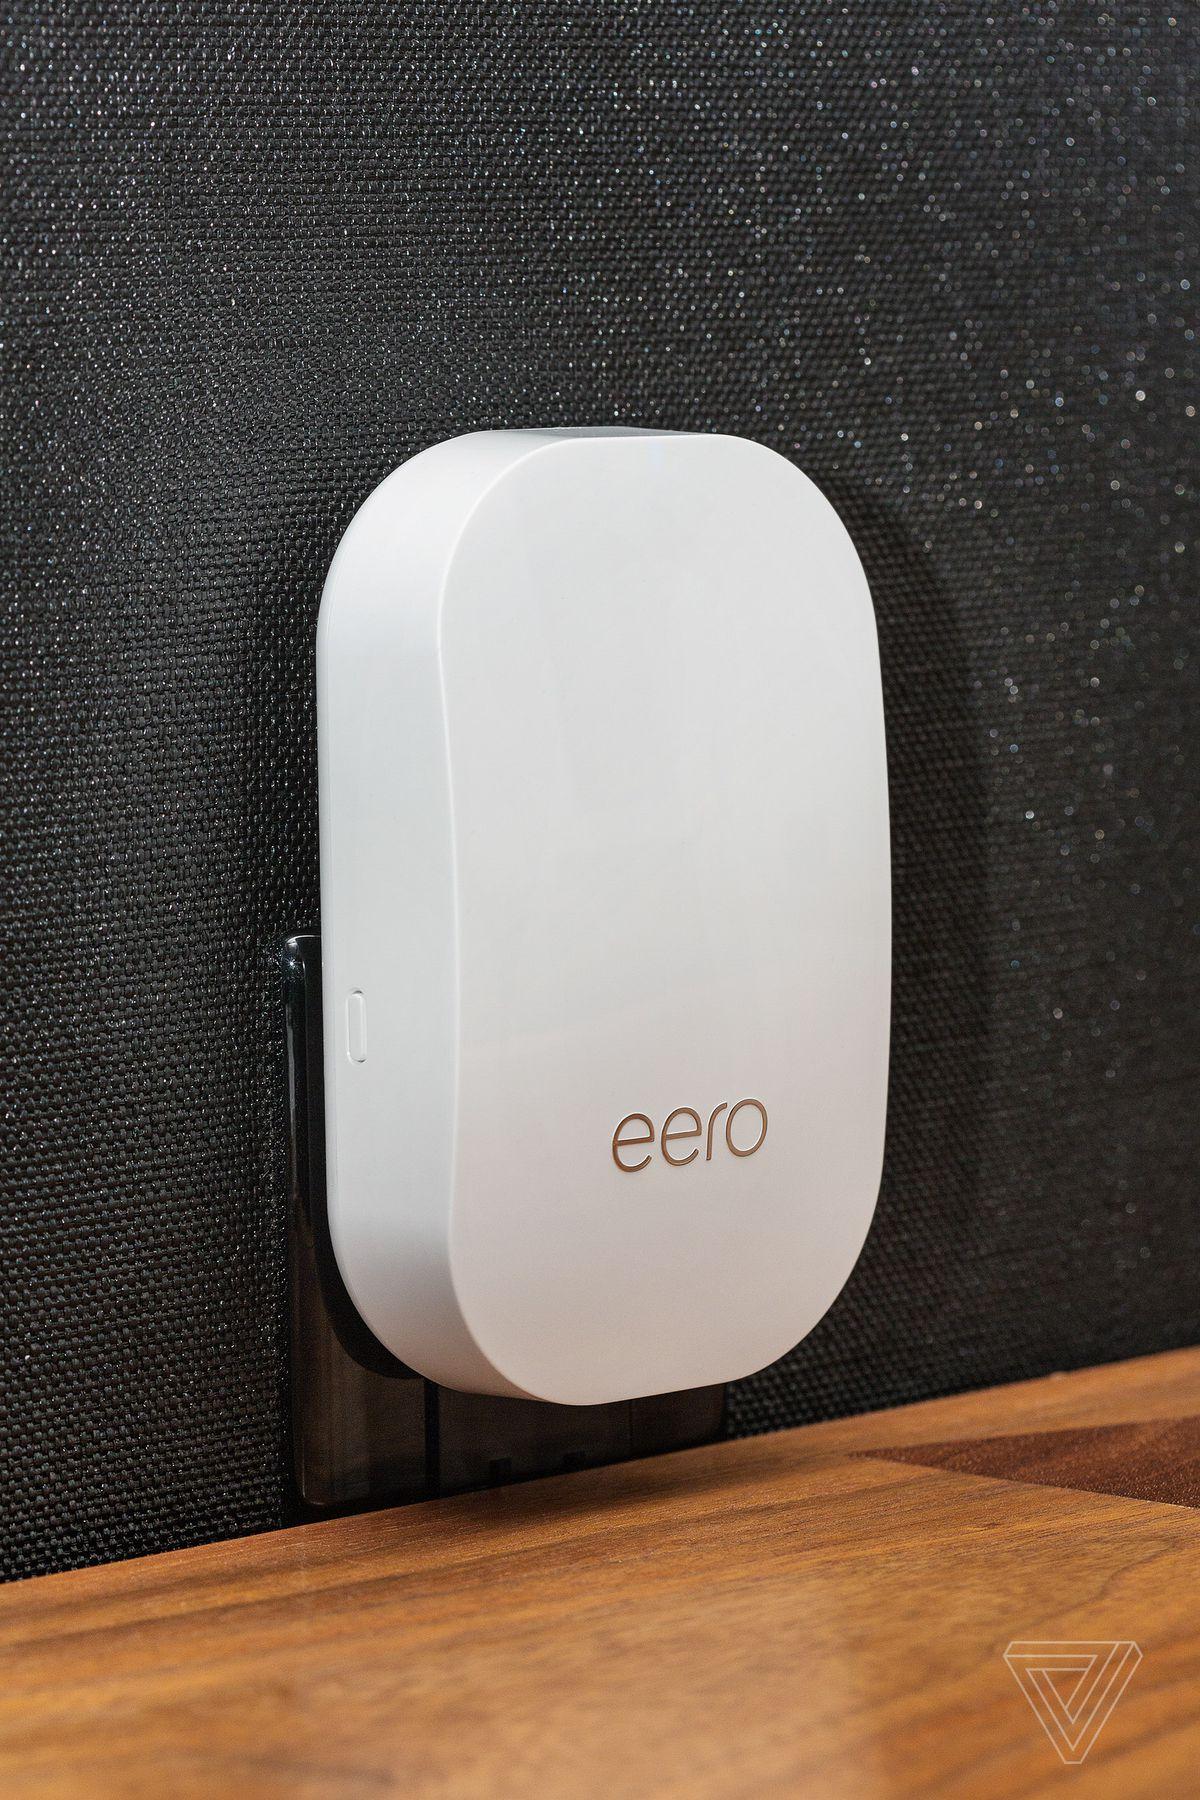 The new Eero Beacon